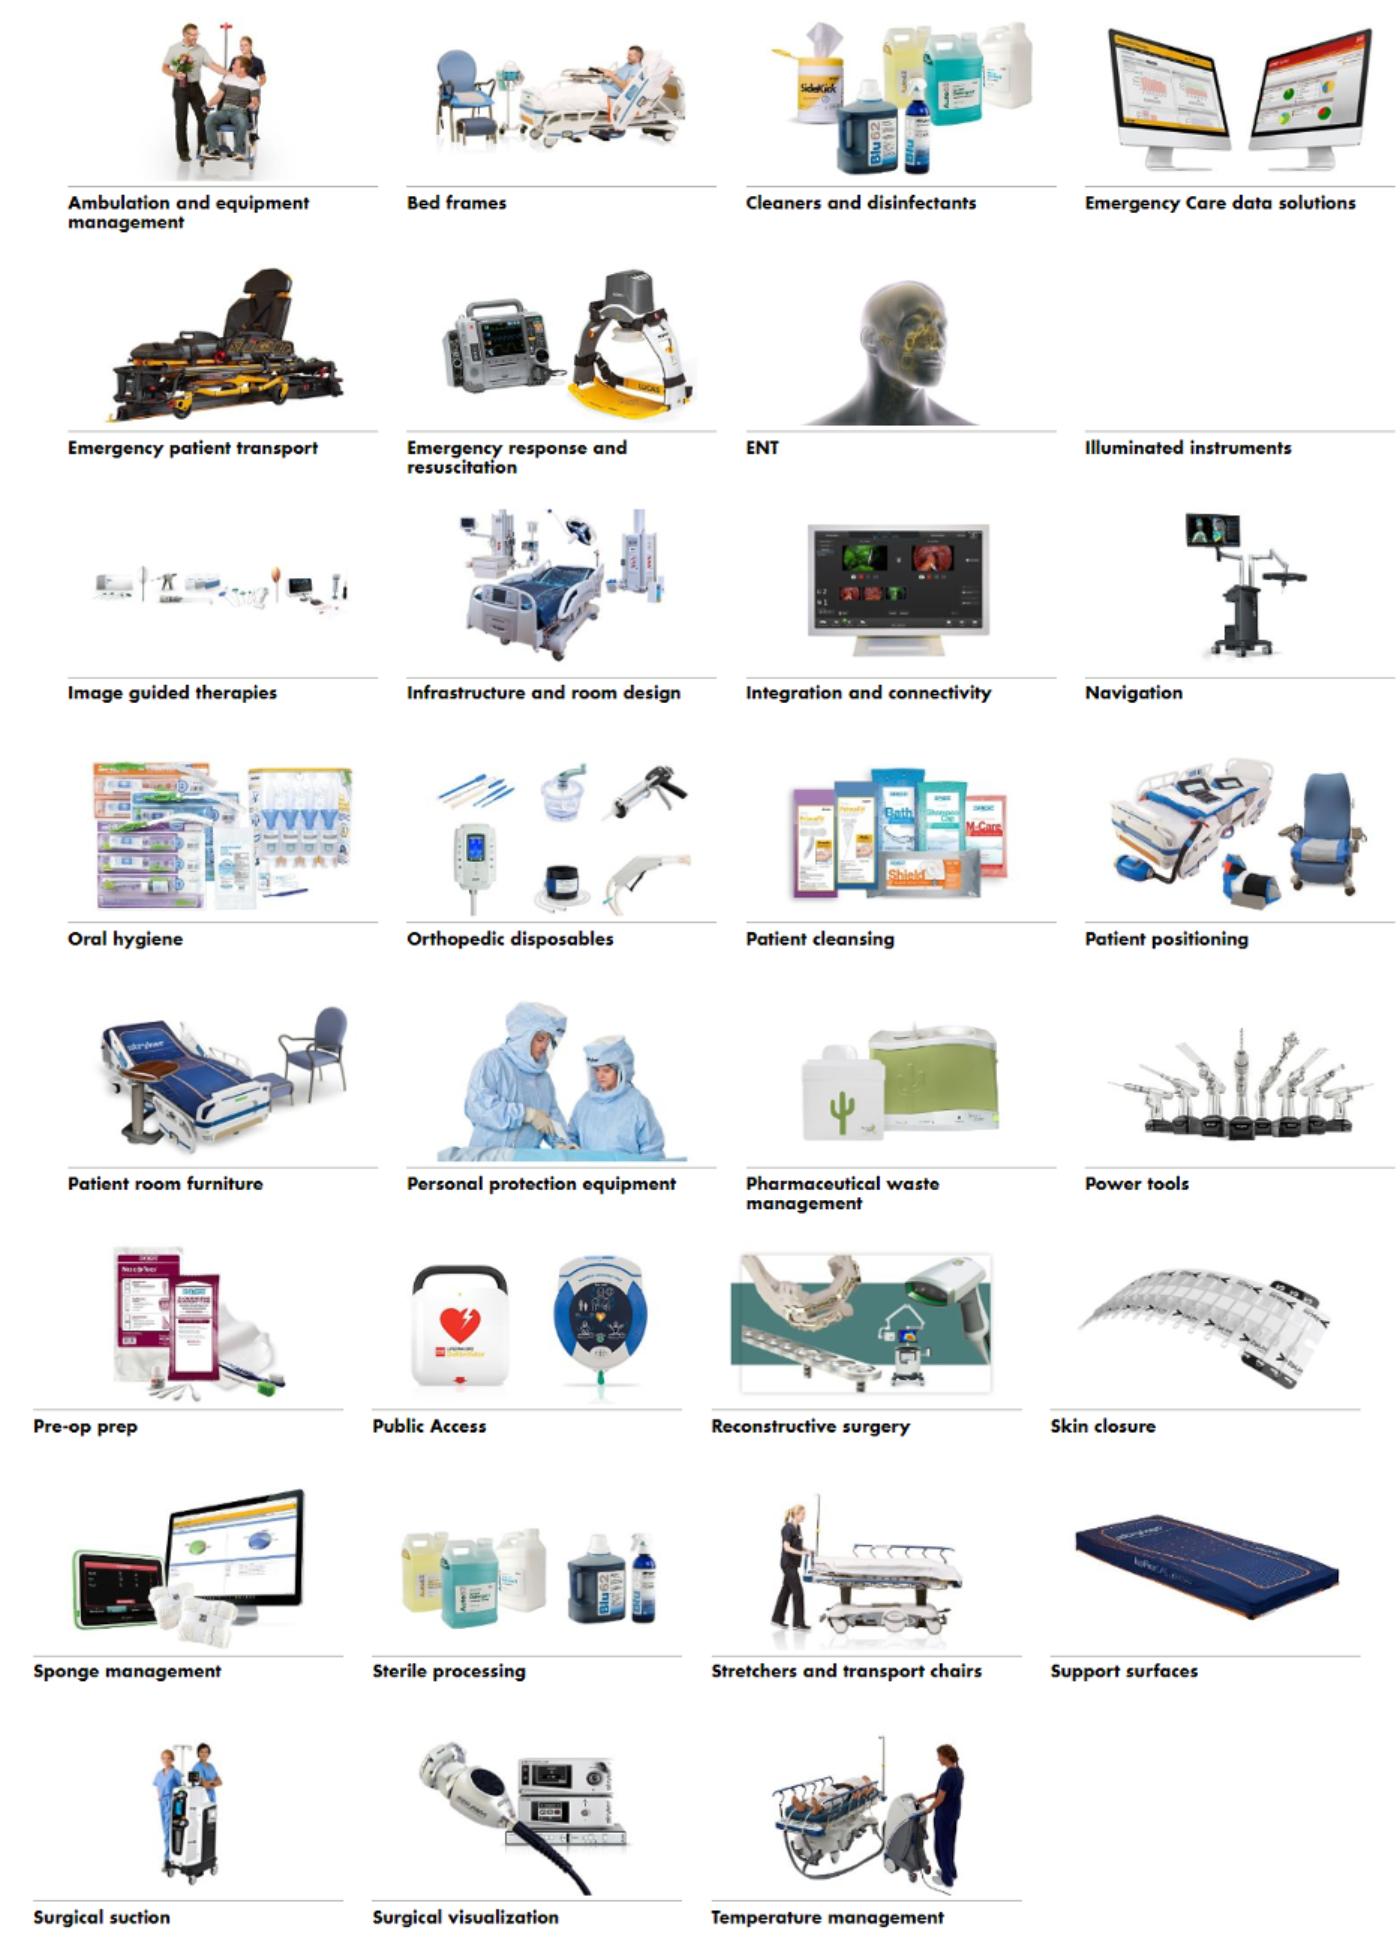 Stryker Corporation – крупный производитель медицинского оборудования